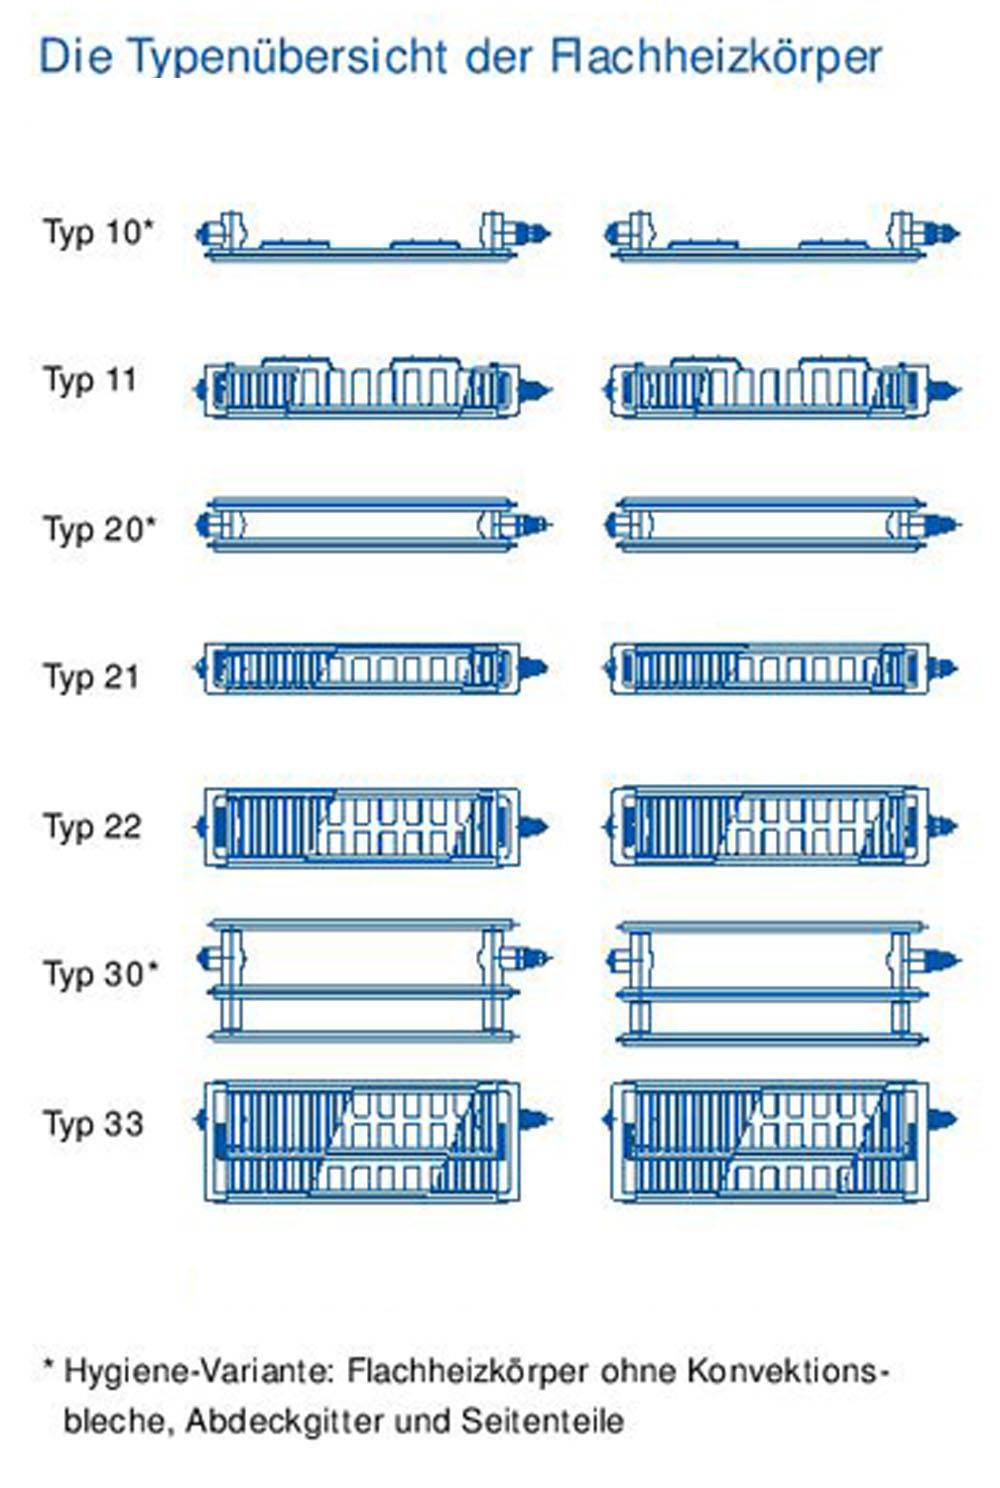 buderus ventil vc plan heizk rper bauh he 900 mm typ 10 20 30 l nge 400 3000 mm. Black Bedroom Furniture Sets. Home Design Ideas